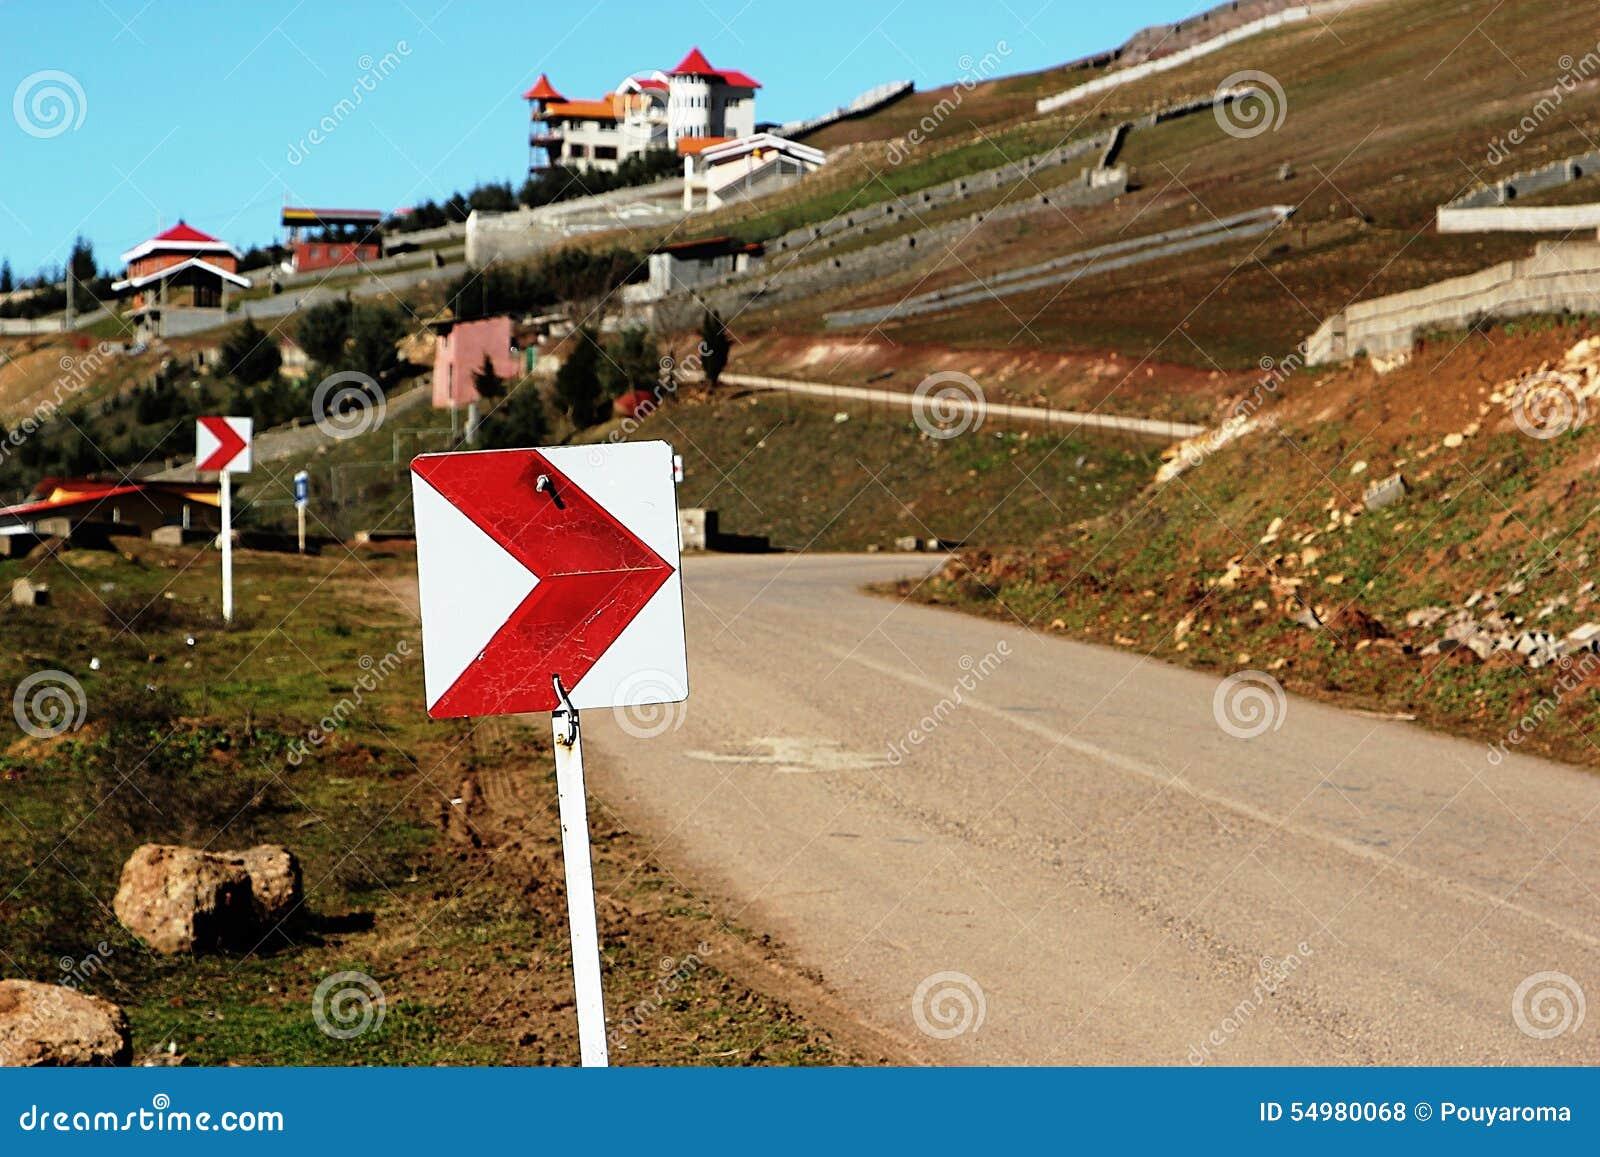 Na drodze ruch drogowy znak